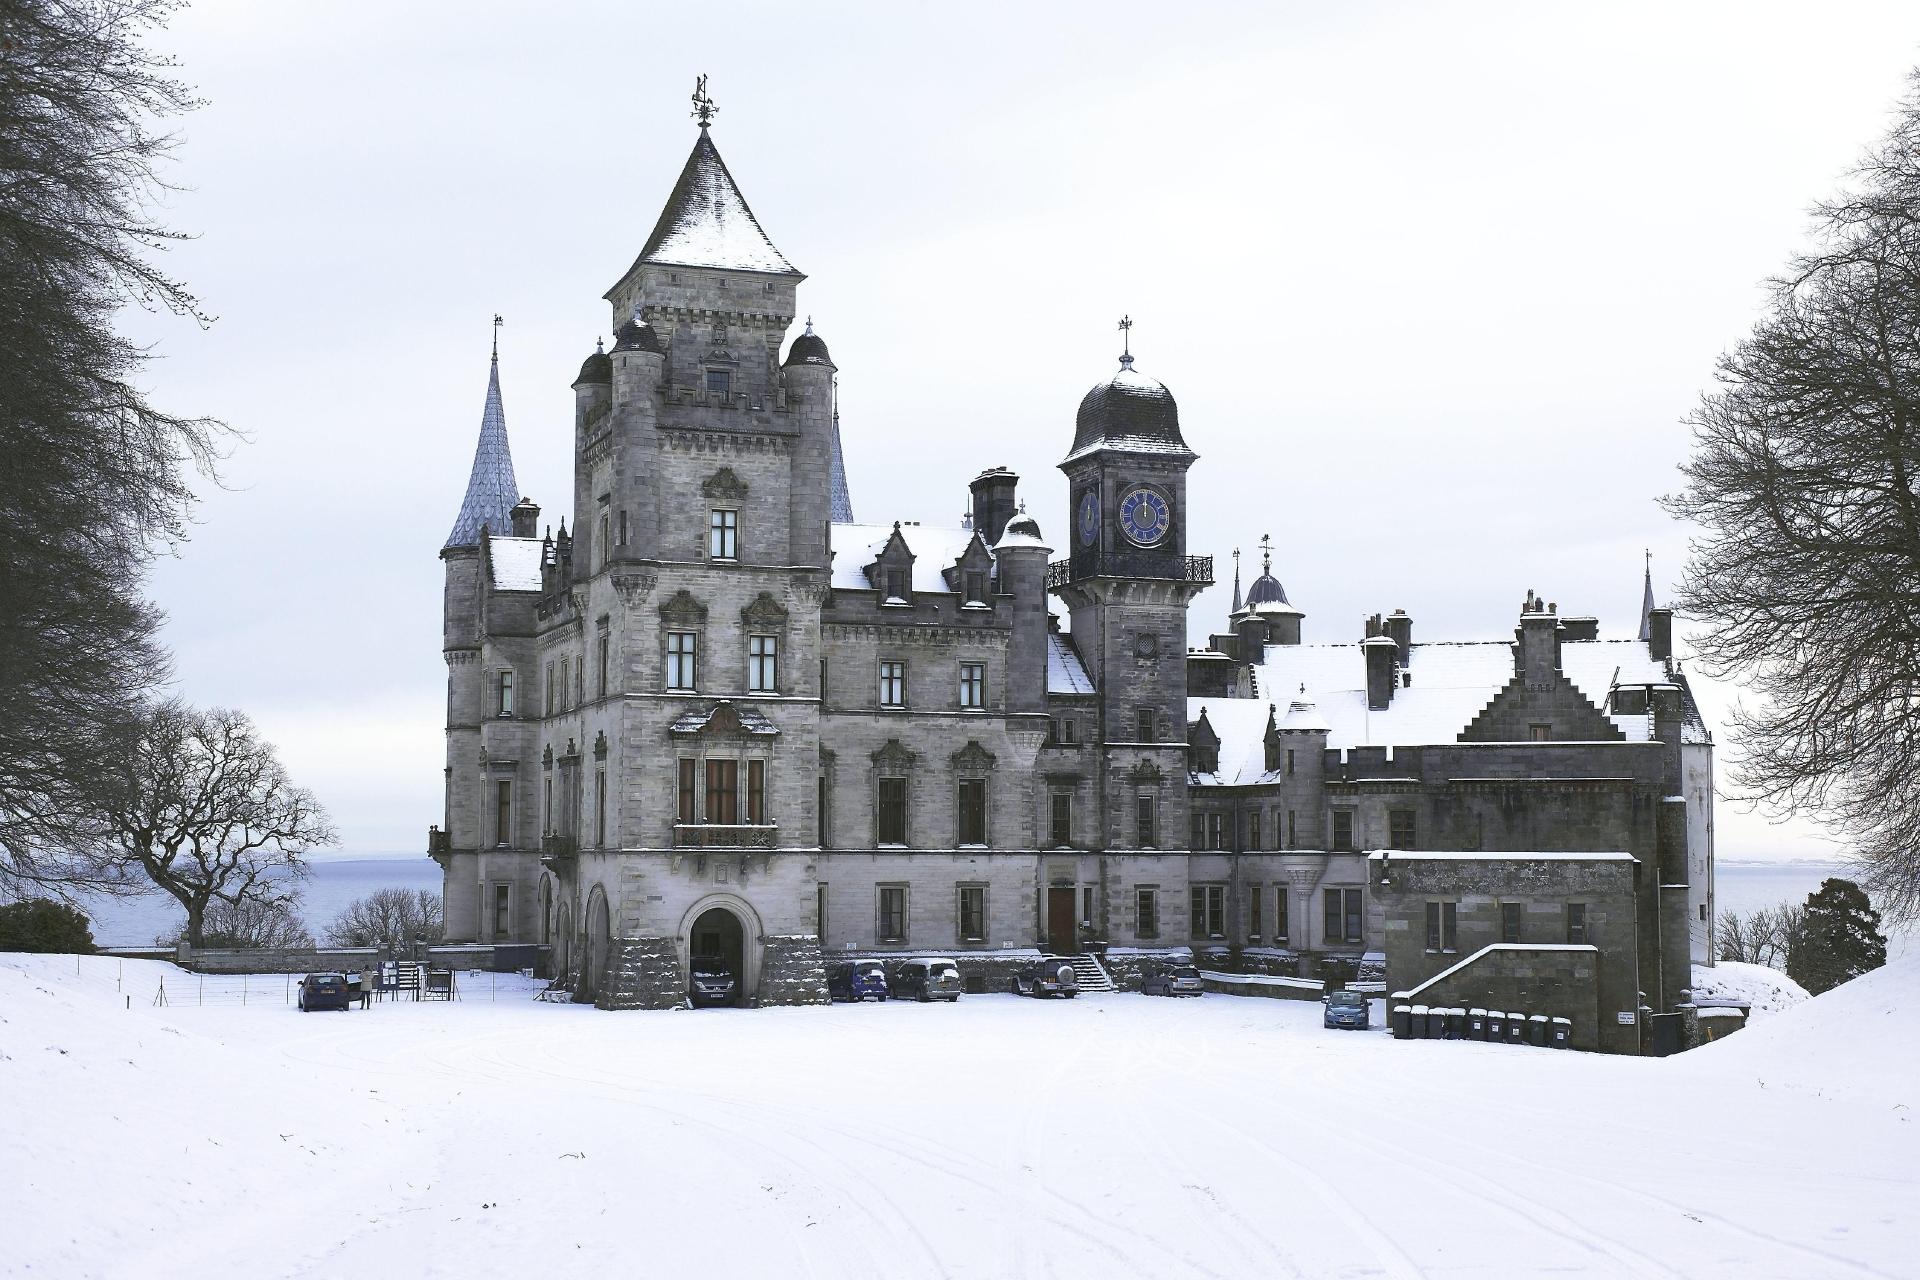 Dunrobin Castle.